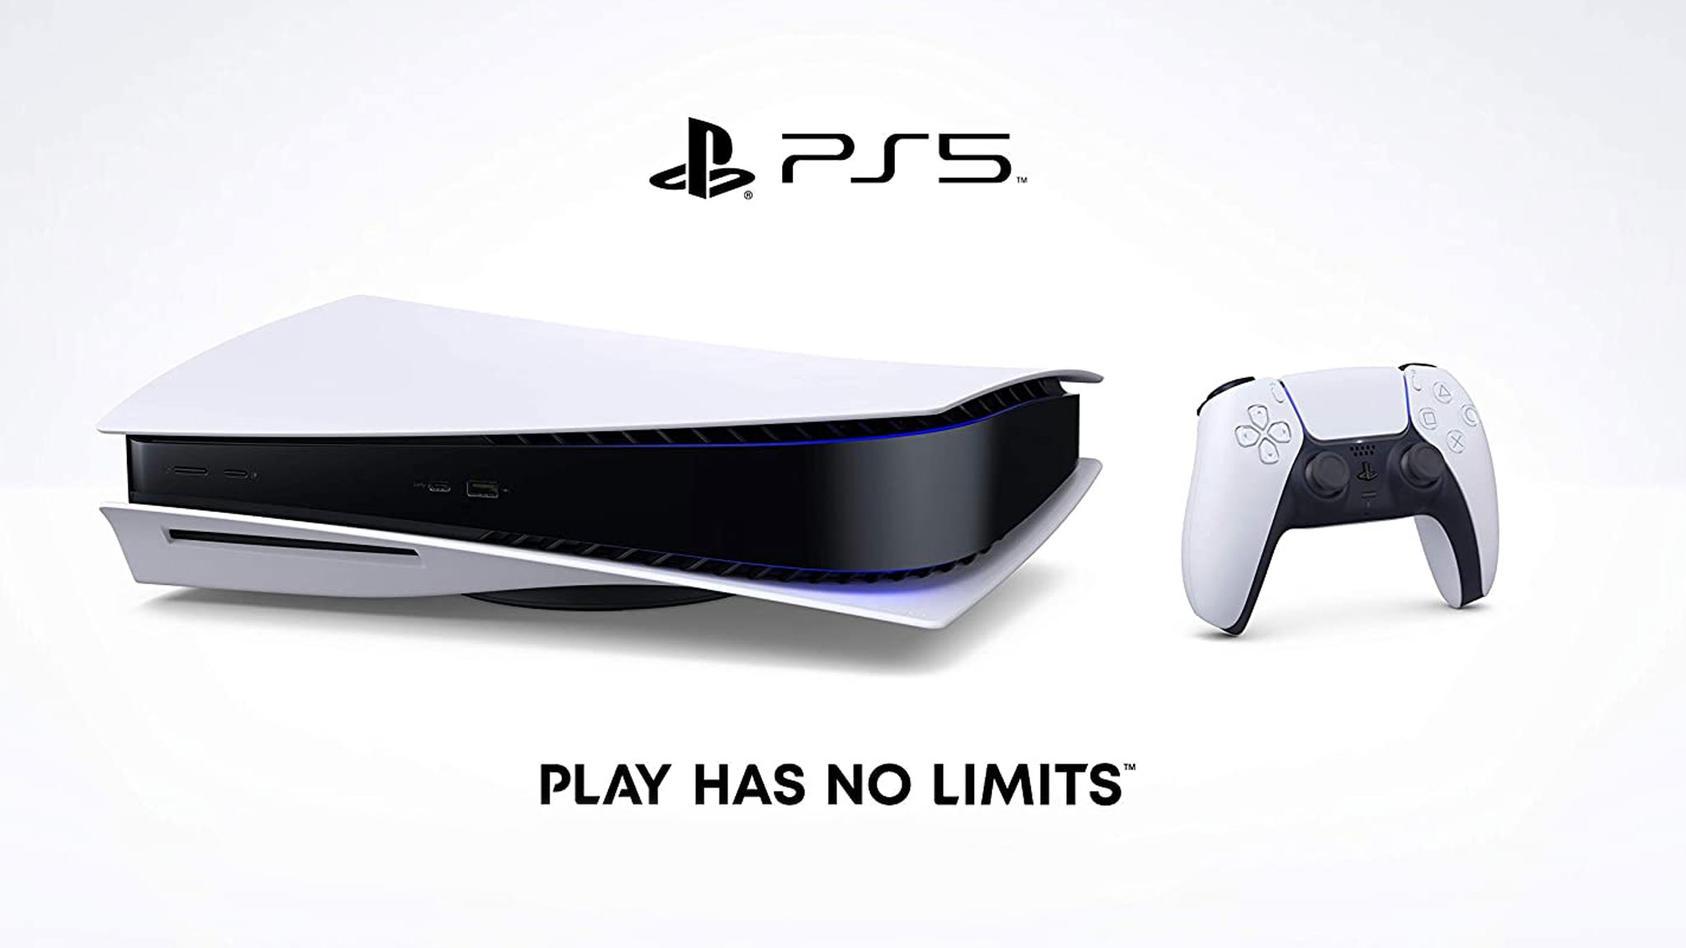 Die PlayStation 5 erscheint am 19. November 2020 in Deutschland.